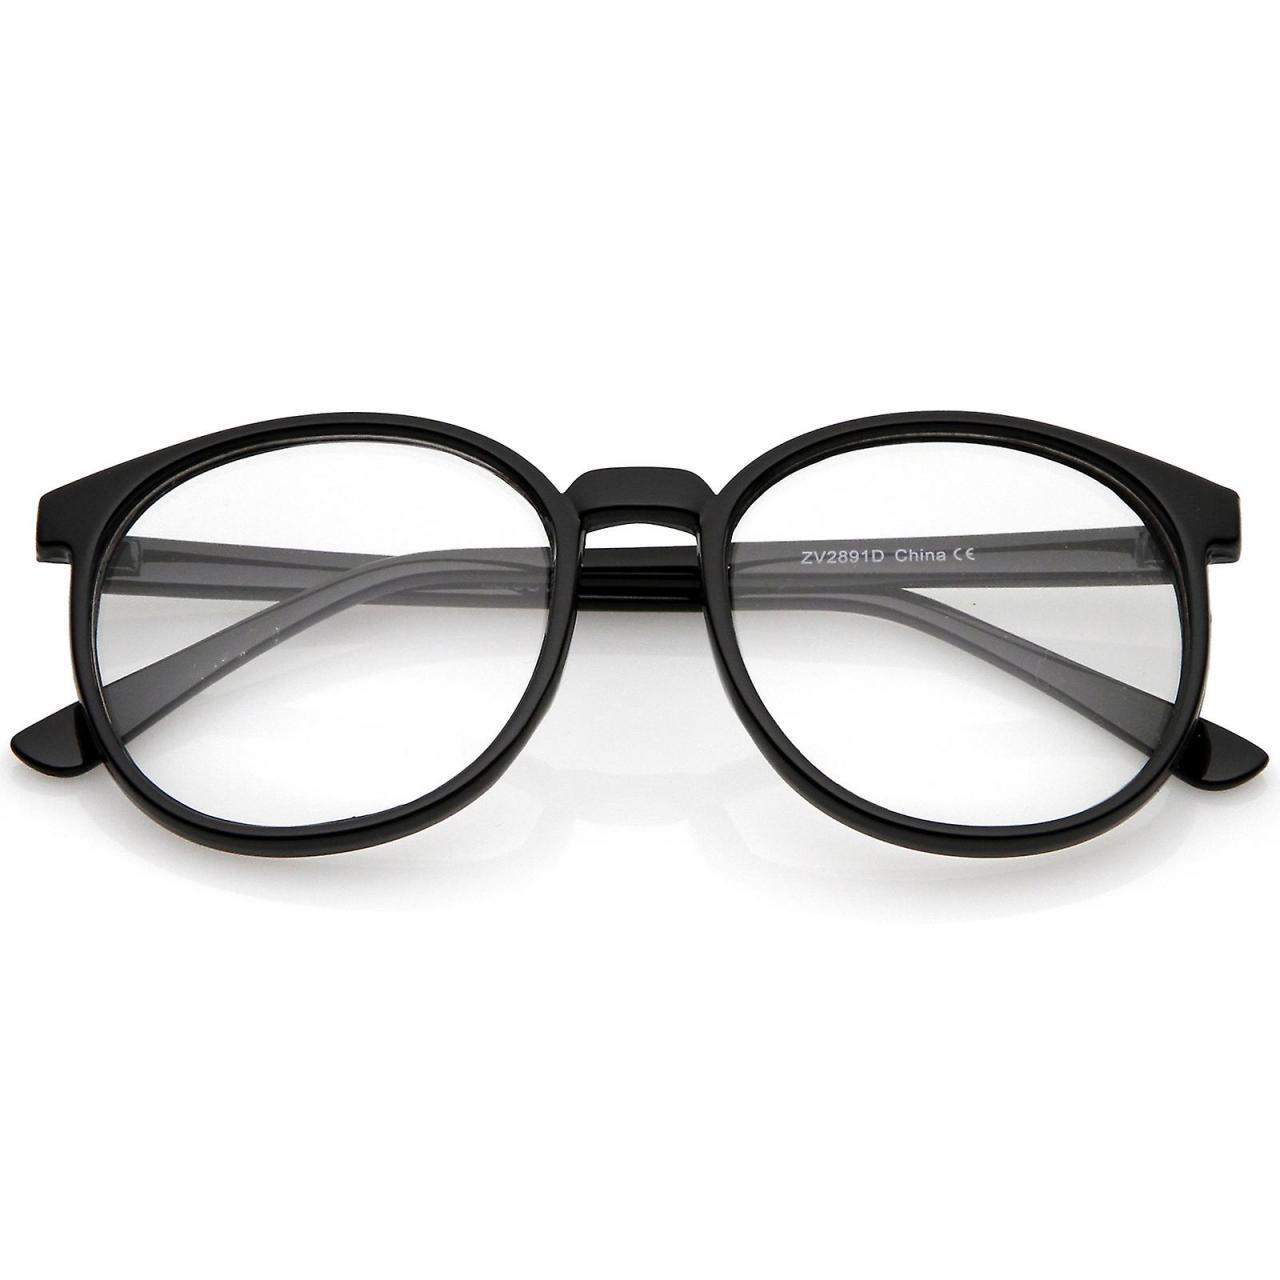 صور اشكال نظارات طبية , نظارات طبيه حديثه وباشكال متعدده